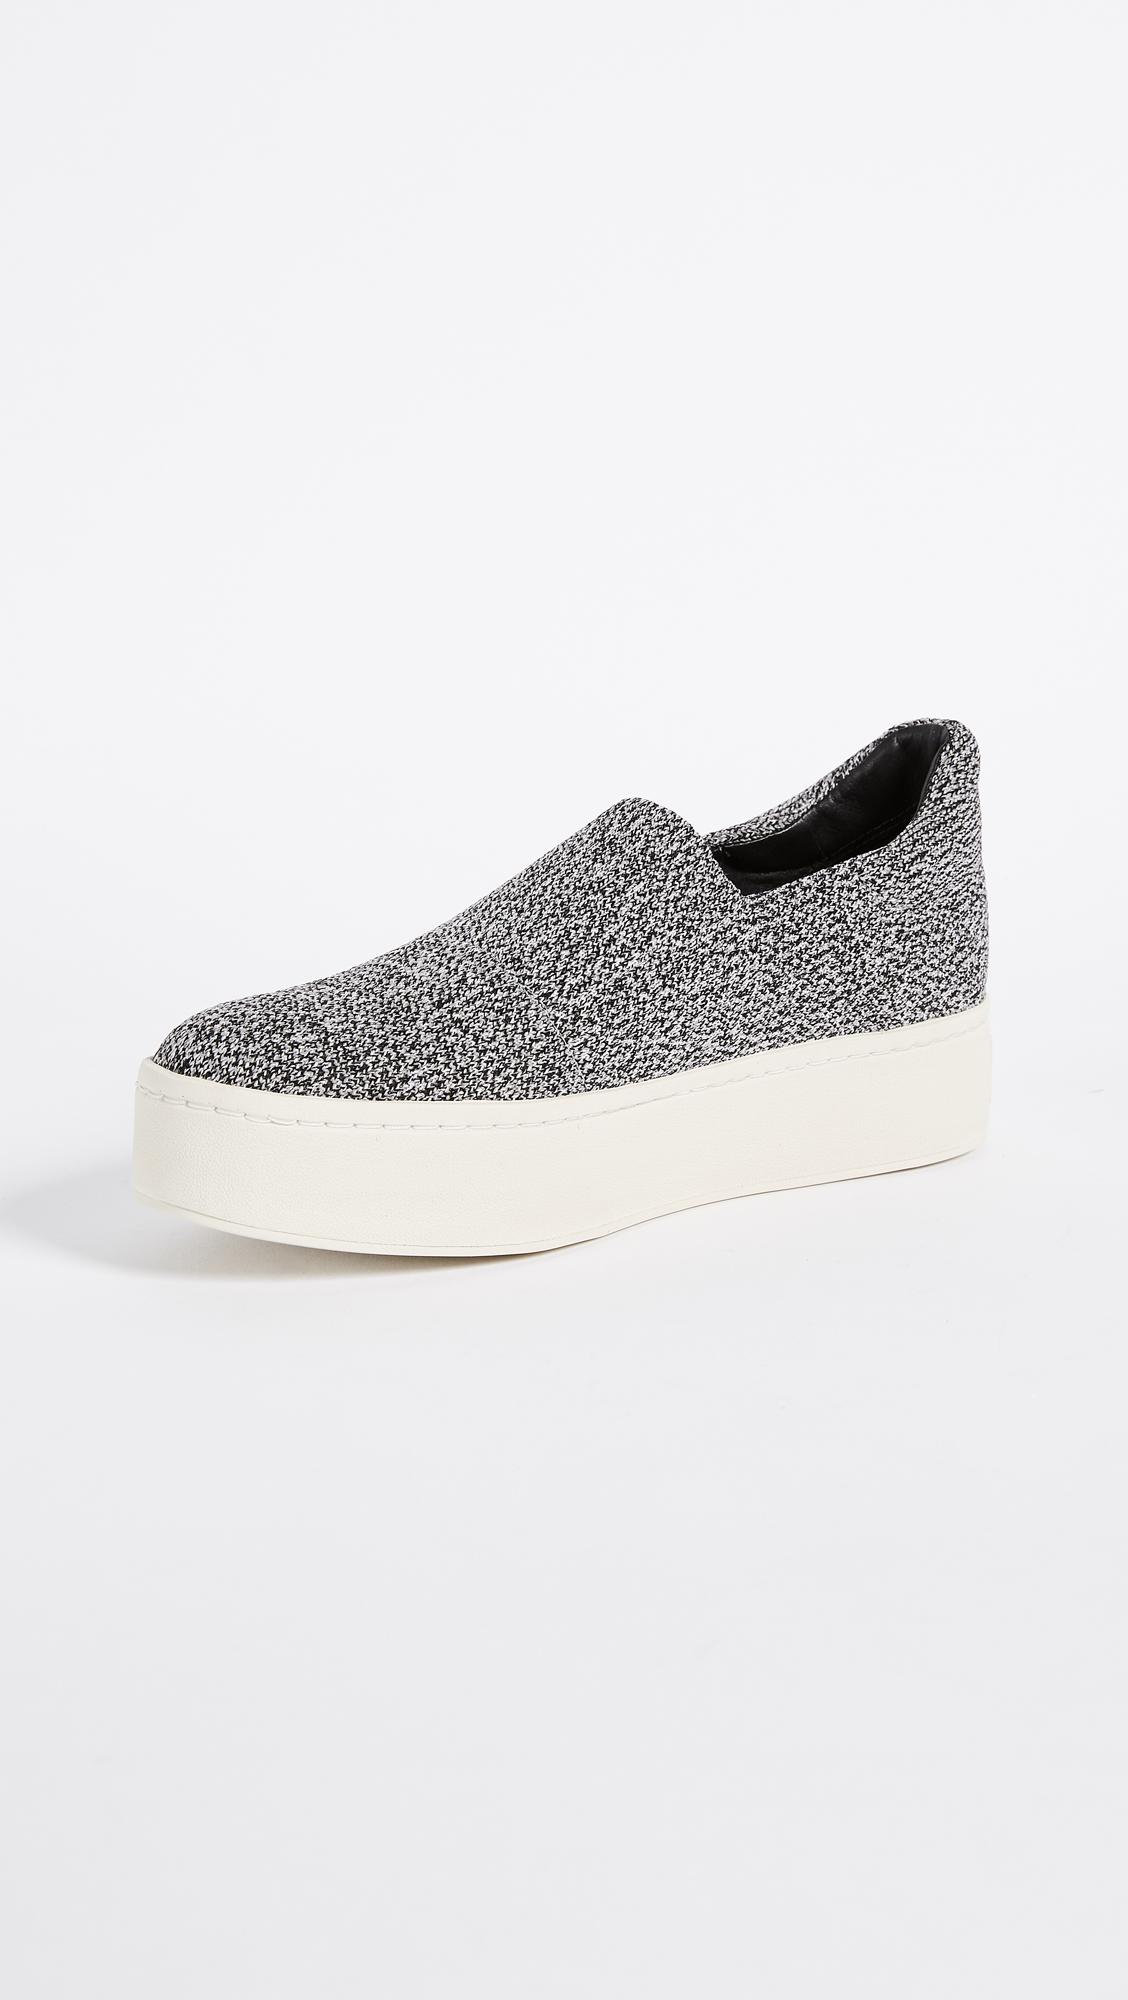 Vince. Walsh Platform Sneakers